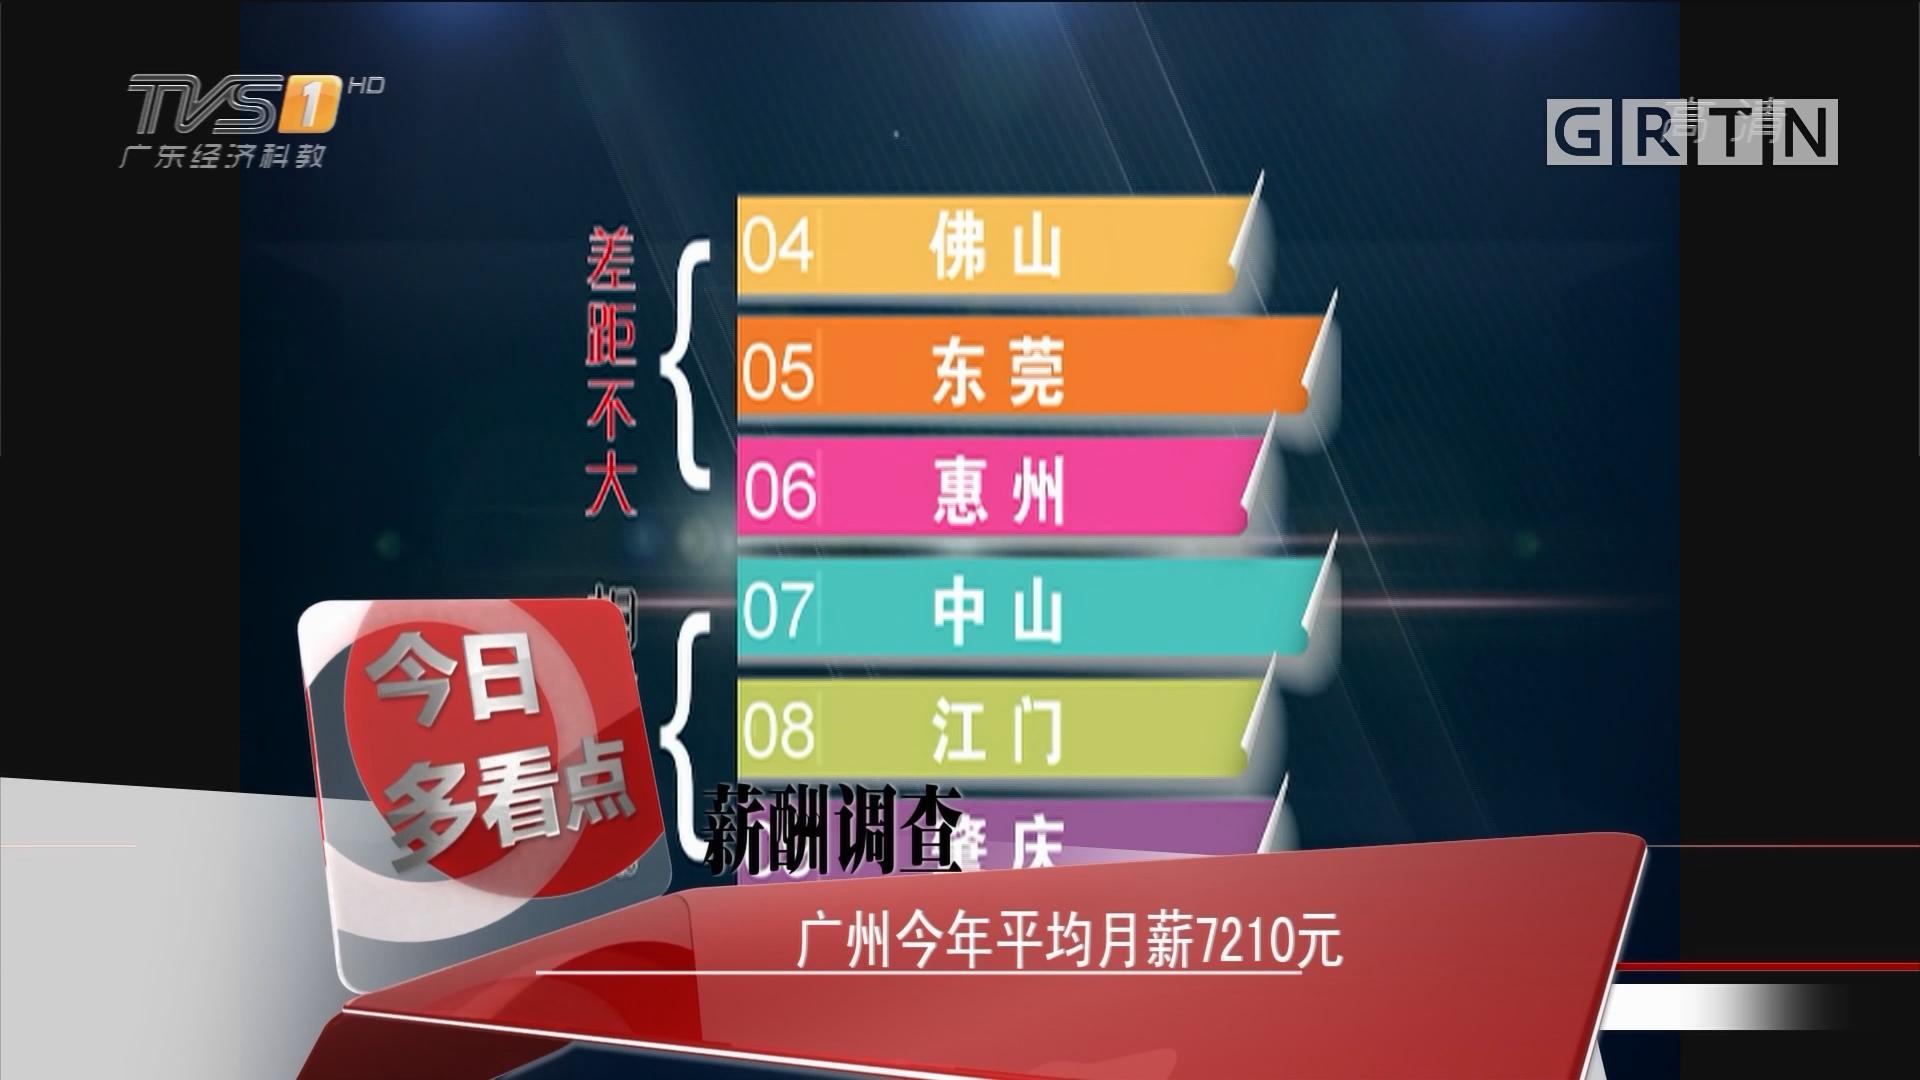 薪酬调查:广州今年平均月薪7210元